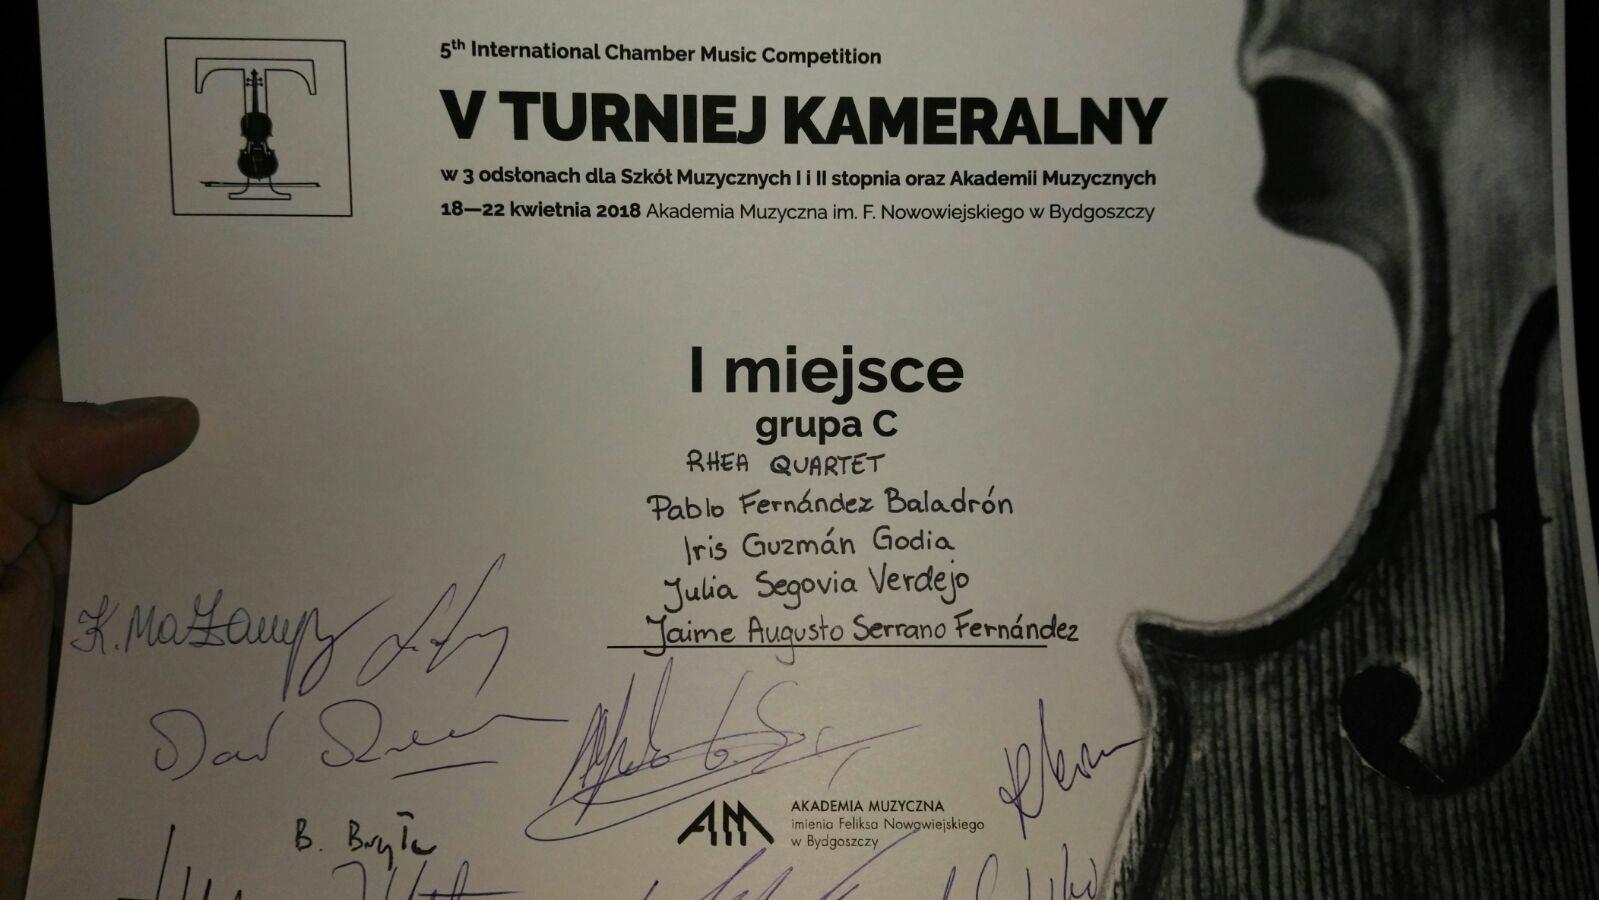 Cuarteto Rhea GANADOR del Primer Premio en el 5th Internacional Chamber Music Competition organizado por la Akademia Muzyczna de Bydgoszcz Polonia2